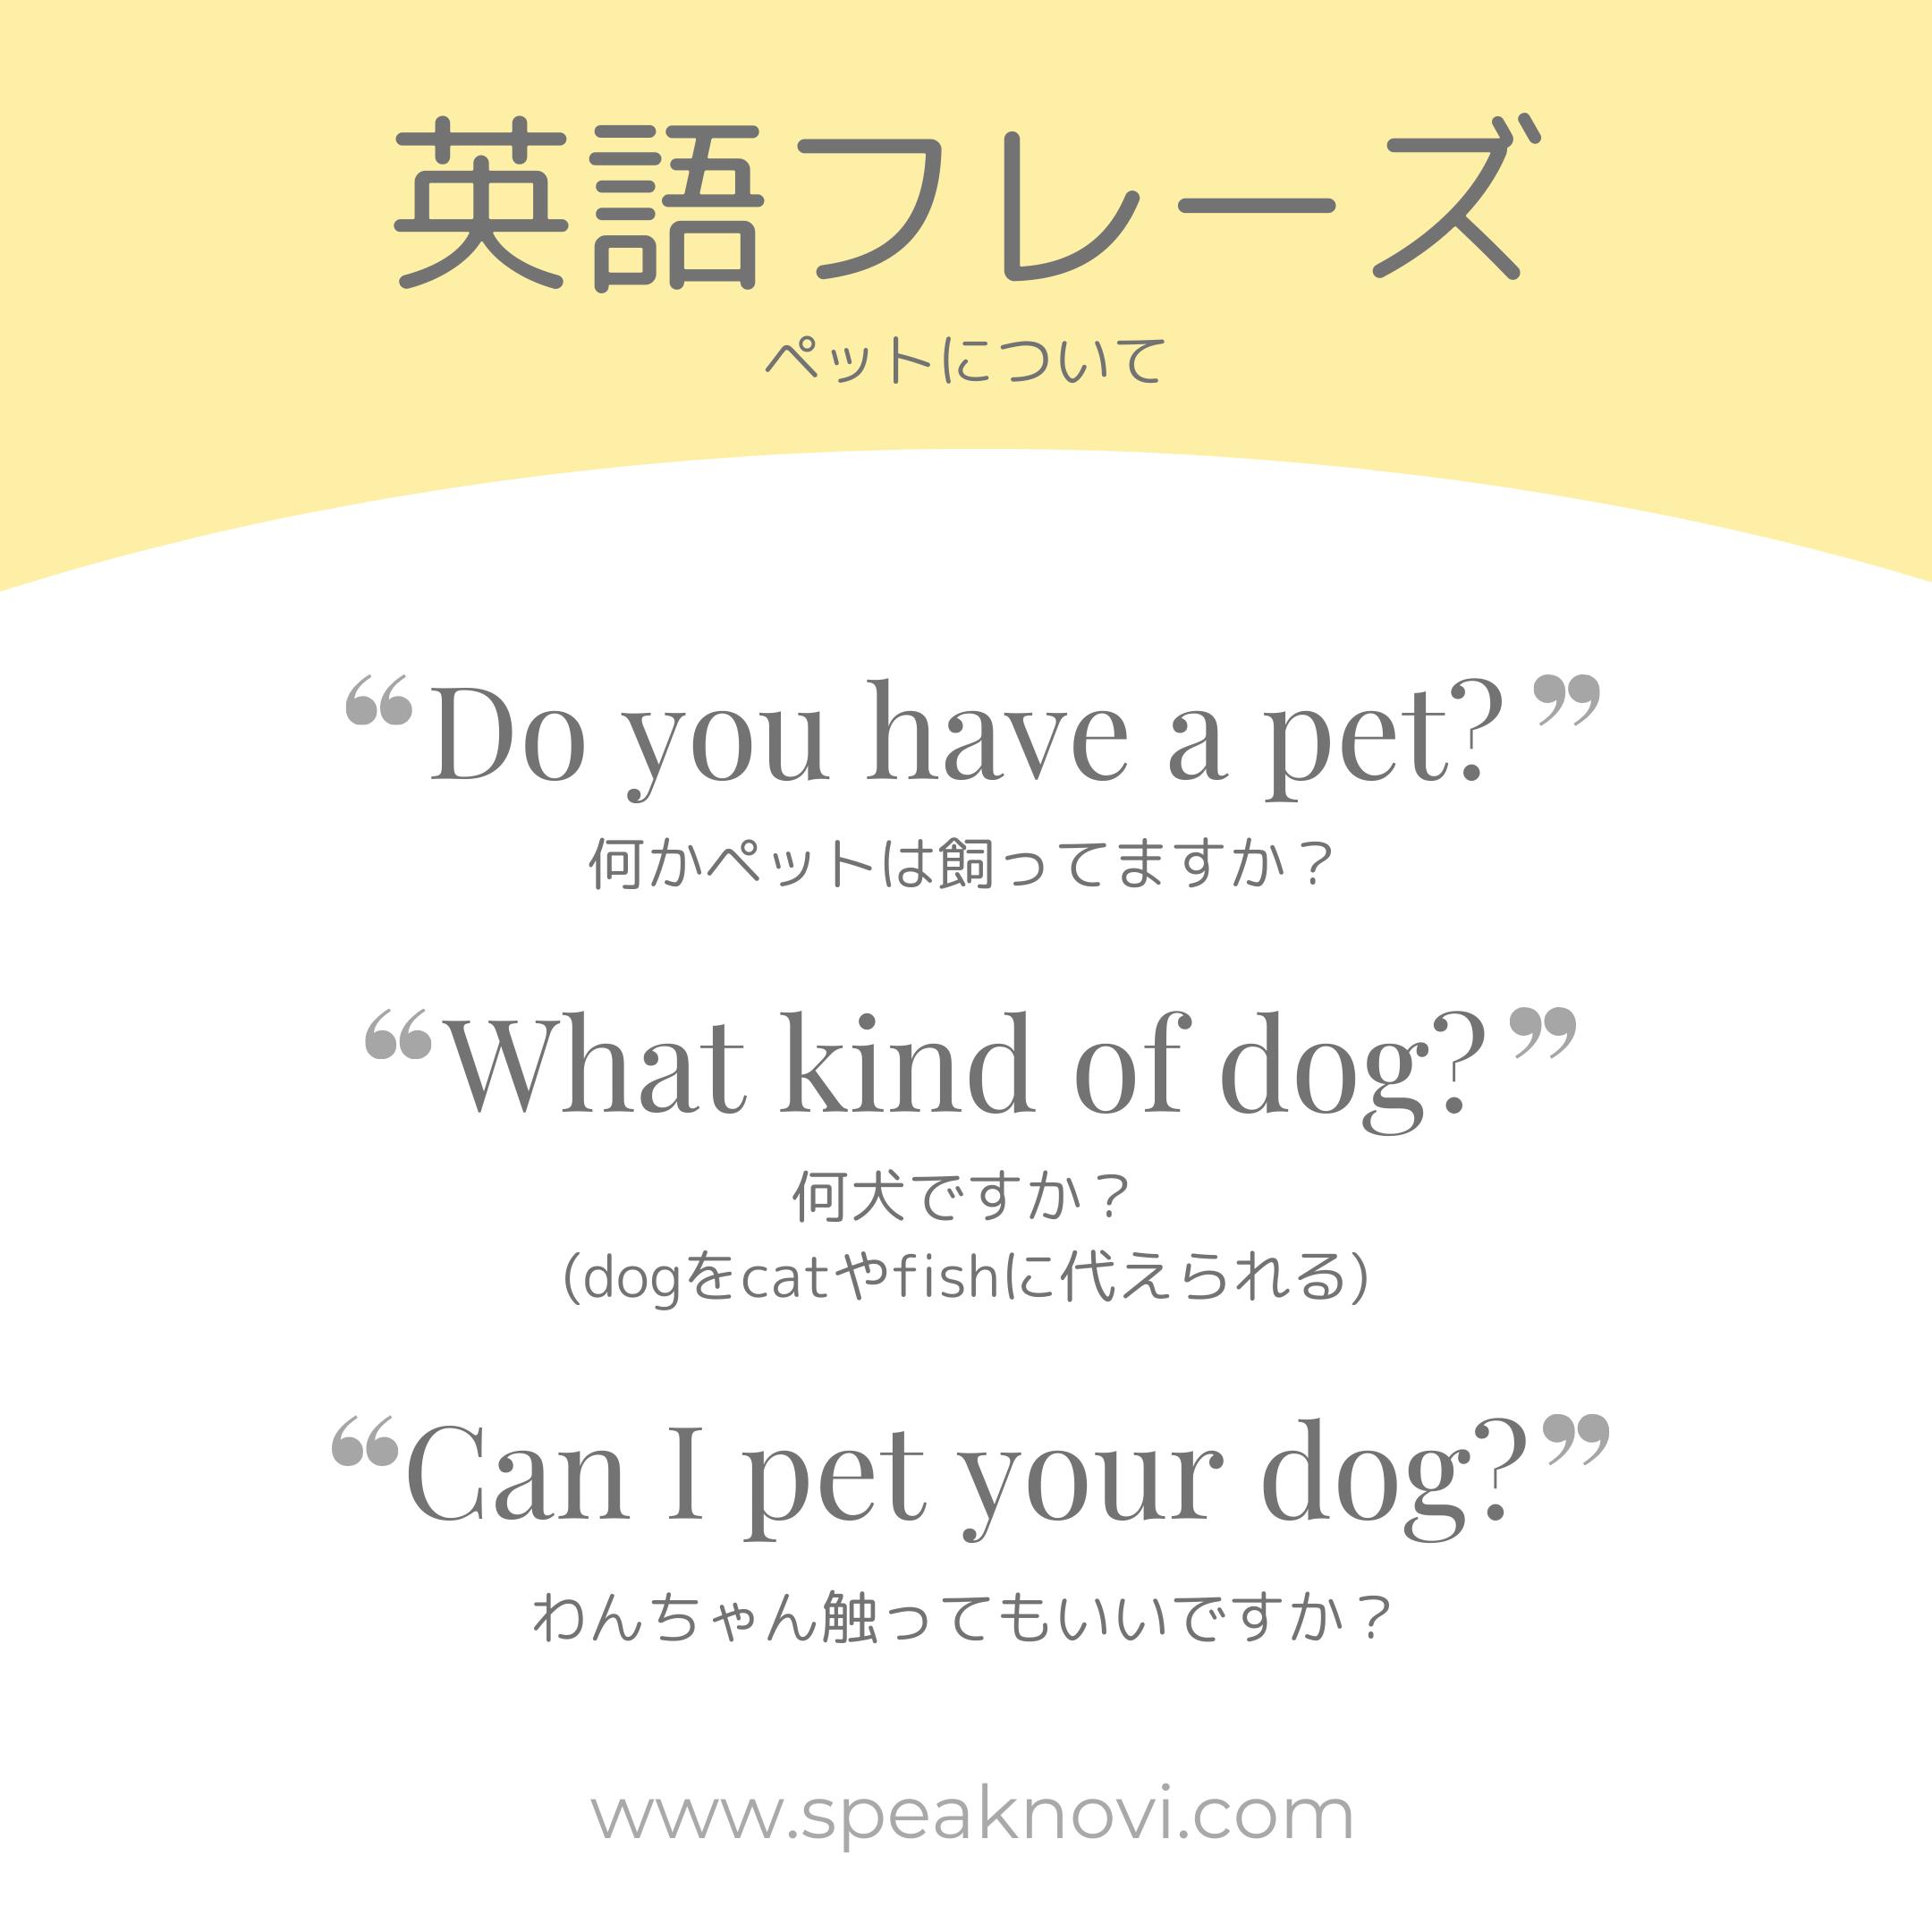 日常英会話で使えるペットに関するフレーズ 英語で気軽に話しかけられるようになろう 学習 英単語 英語 独学